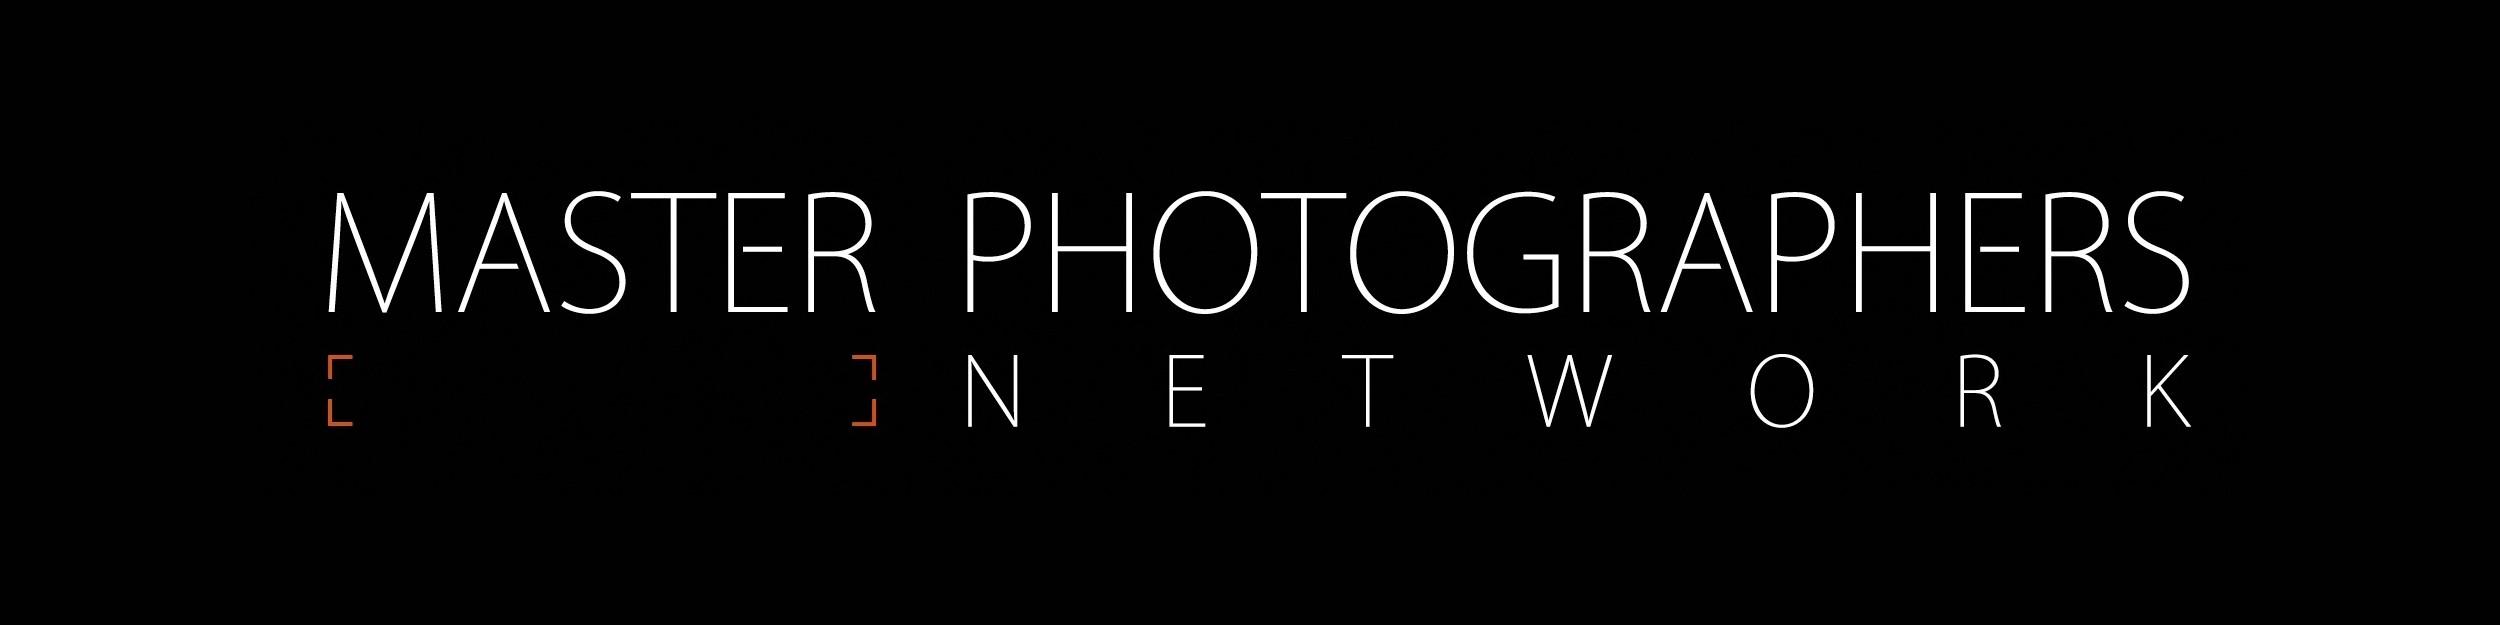 """Genomineerd voor de """"Master Awards 2012"""" in categorie """"Bruids- en Portretfotografie""""!"""